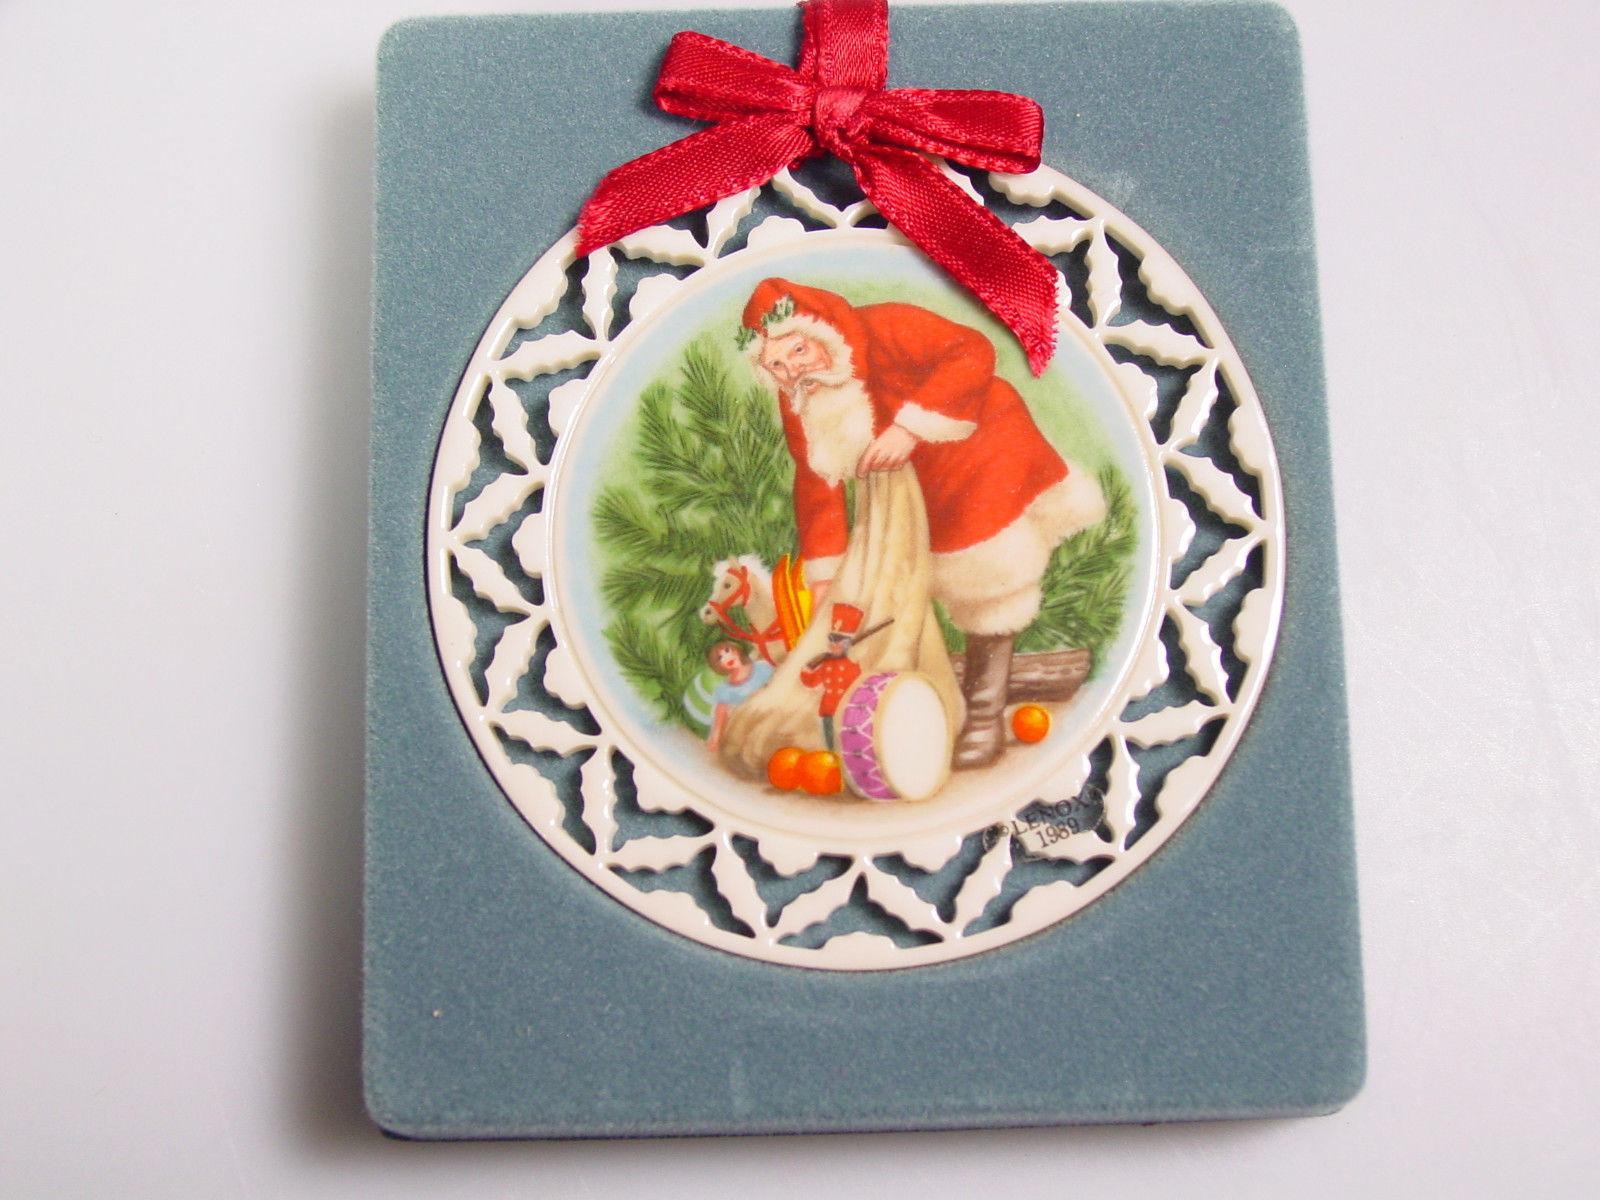 LENOX Christmas Ornament decoration Santas Visit Portrait Series